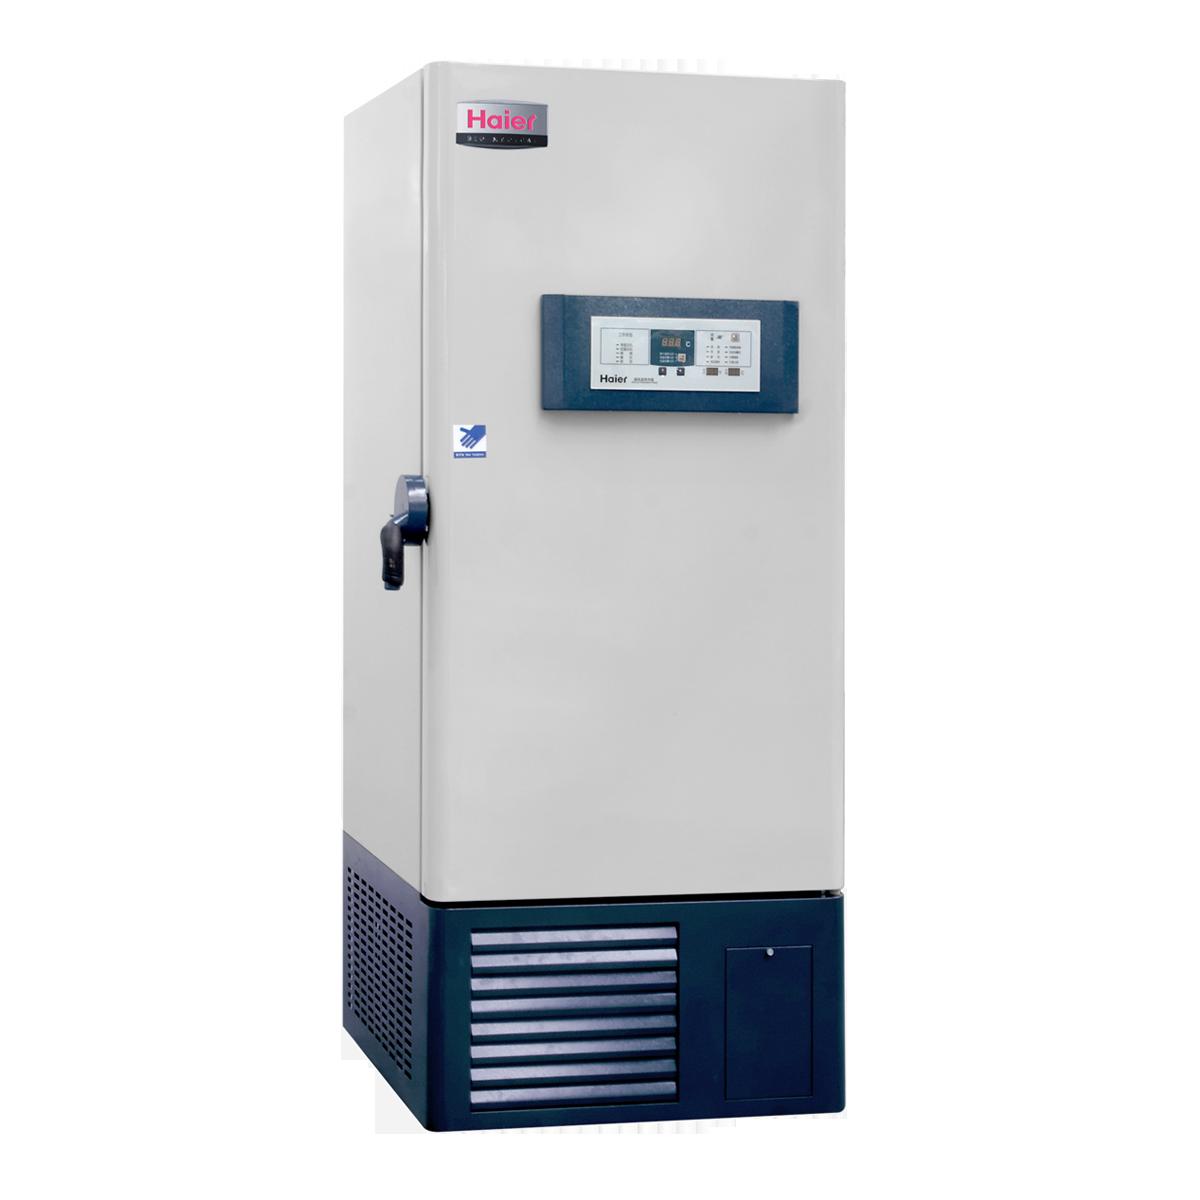 海尔-86℃超低温保存箱DW-86L388J/立式超低温冰箱/-86℃冰箱